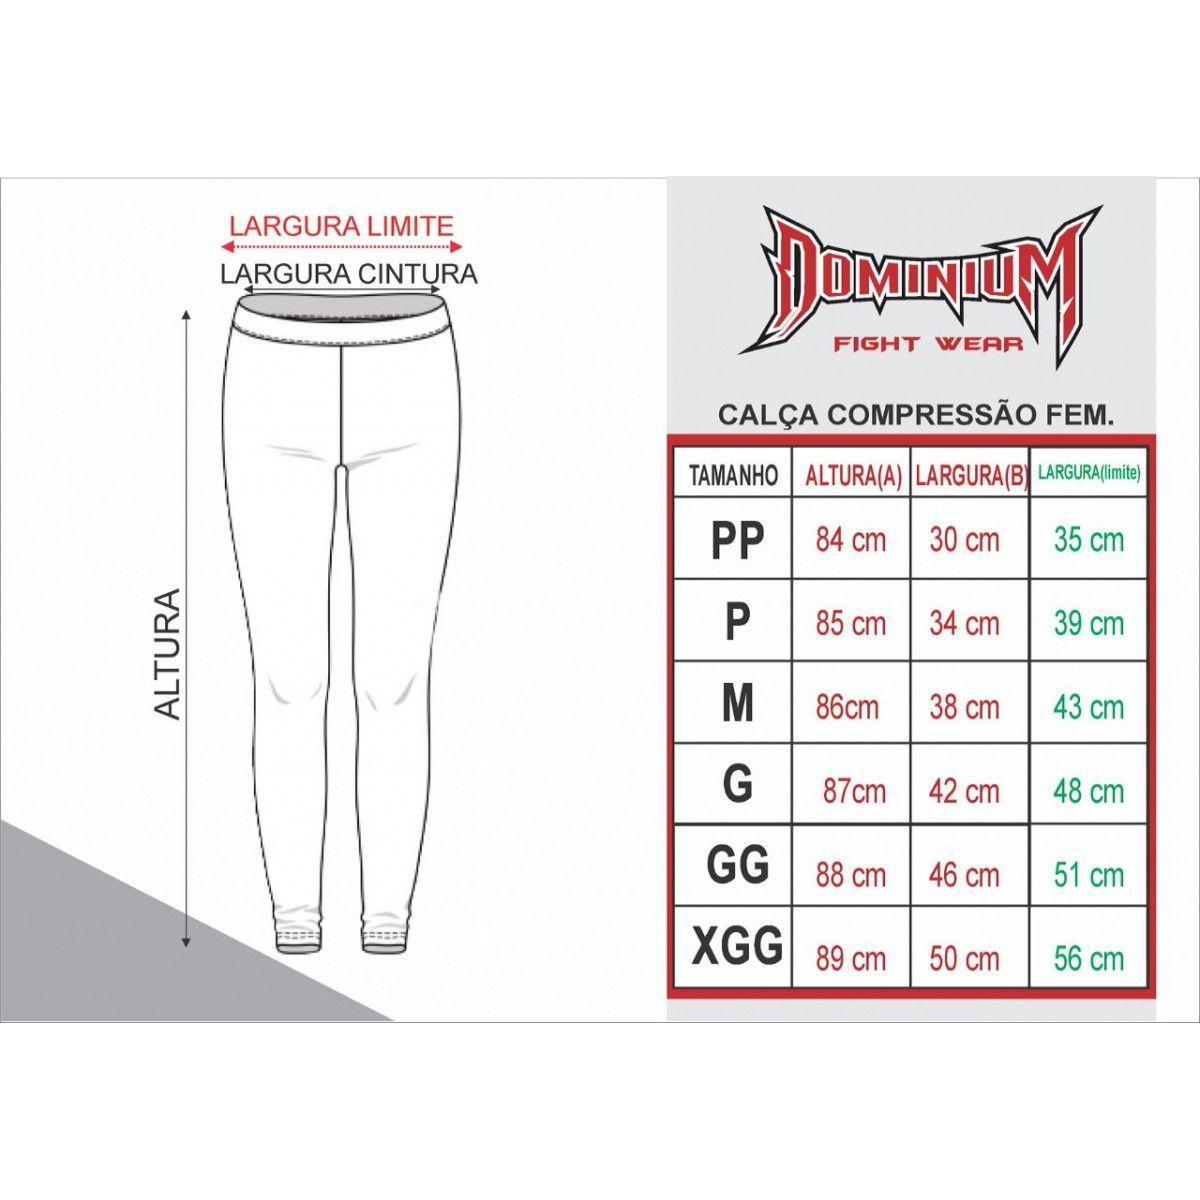 Calça de Compressão Térmica- Feminino - Muay Thai - 2463R - Preto/Rosa - Dominium -  - Loja do Competidor